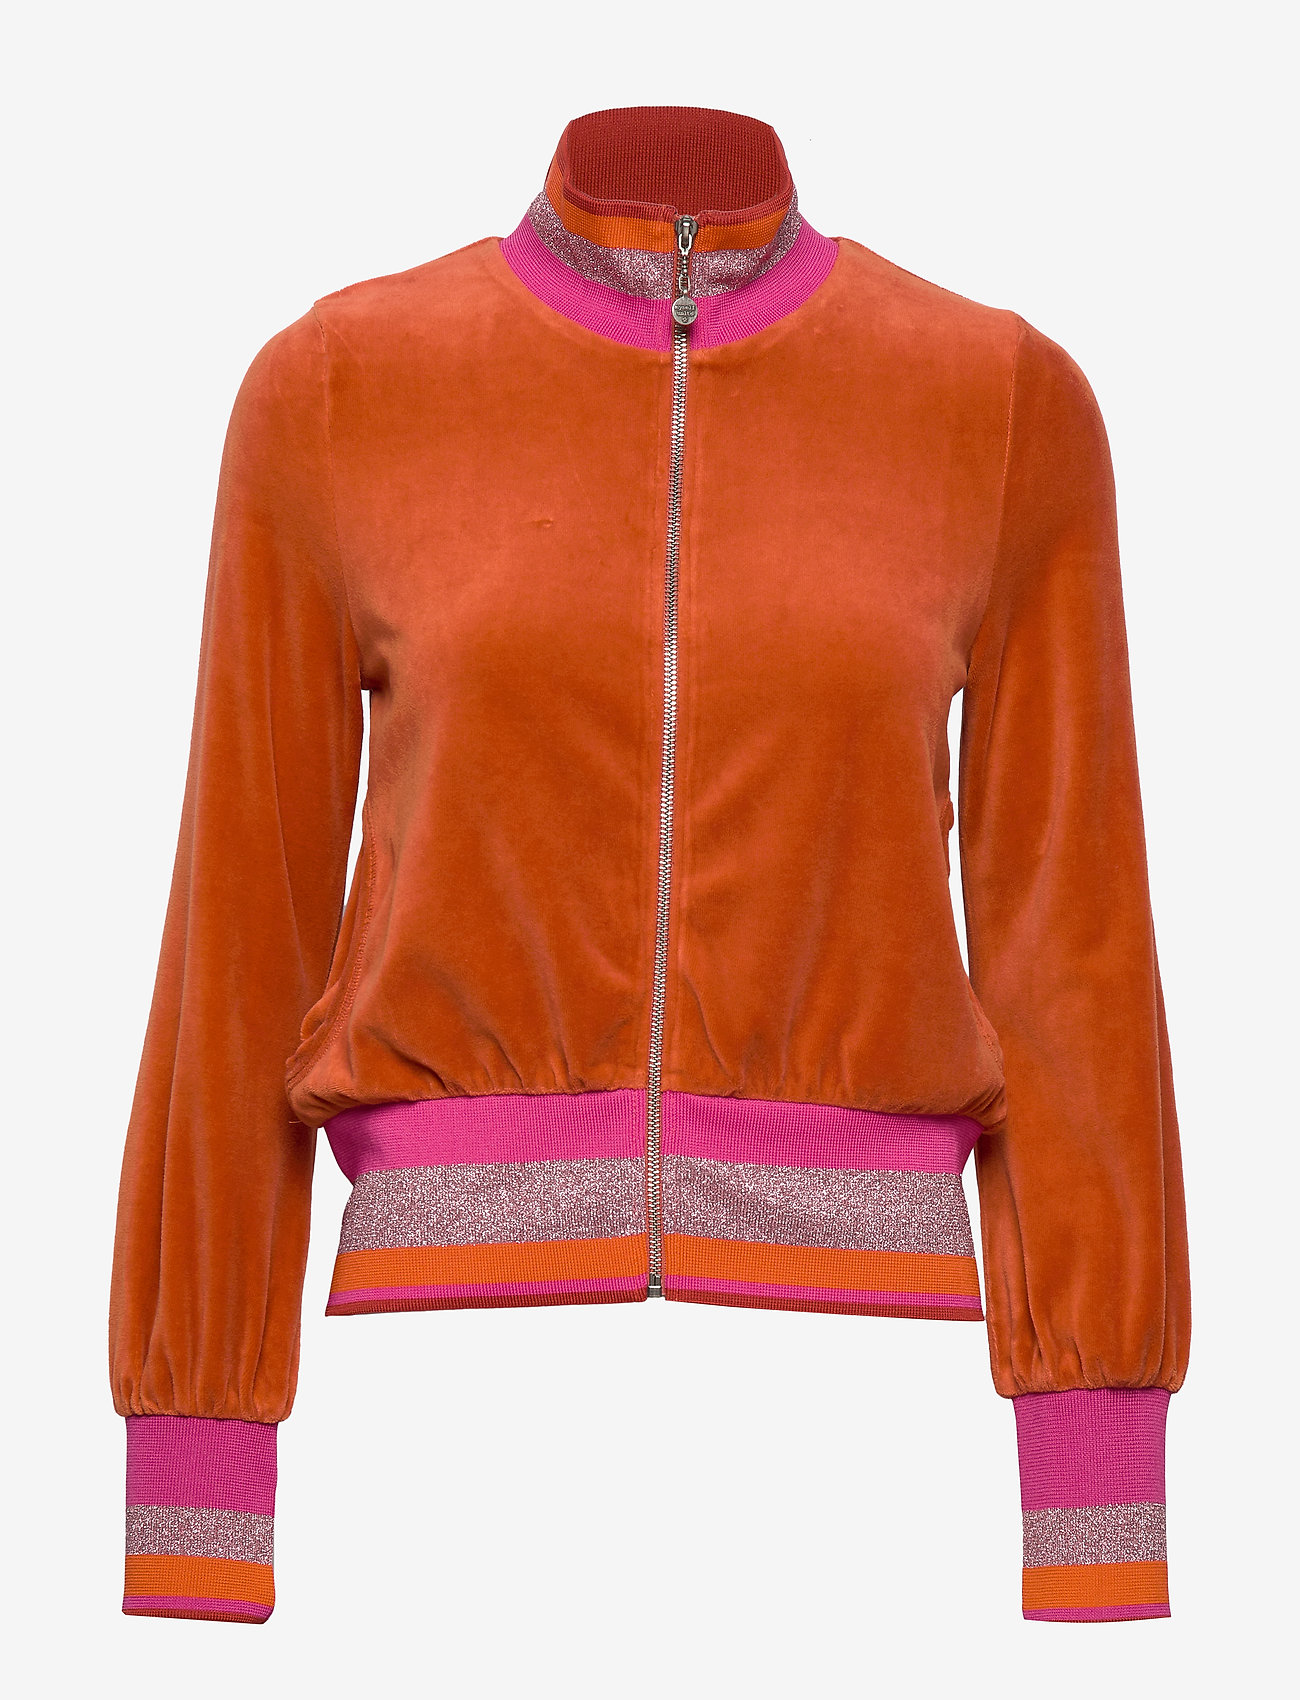 ODD MOLLY - UnconquerableJacket - sweats - dark orange - 0